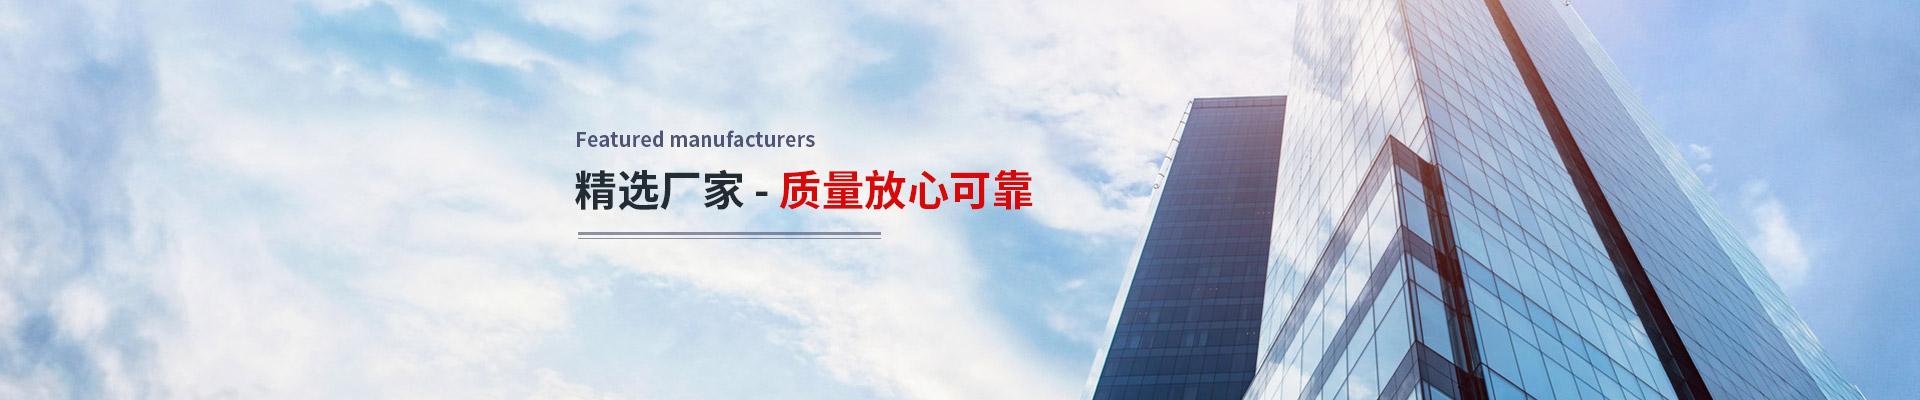 上海佳蒙实业ballbet贝博app下载ios公司介绍